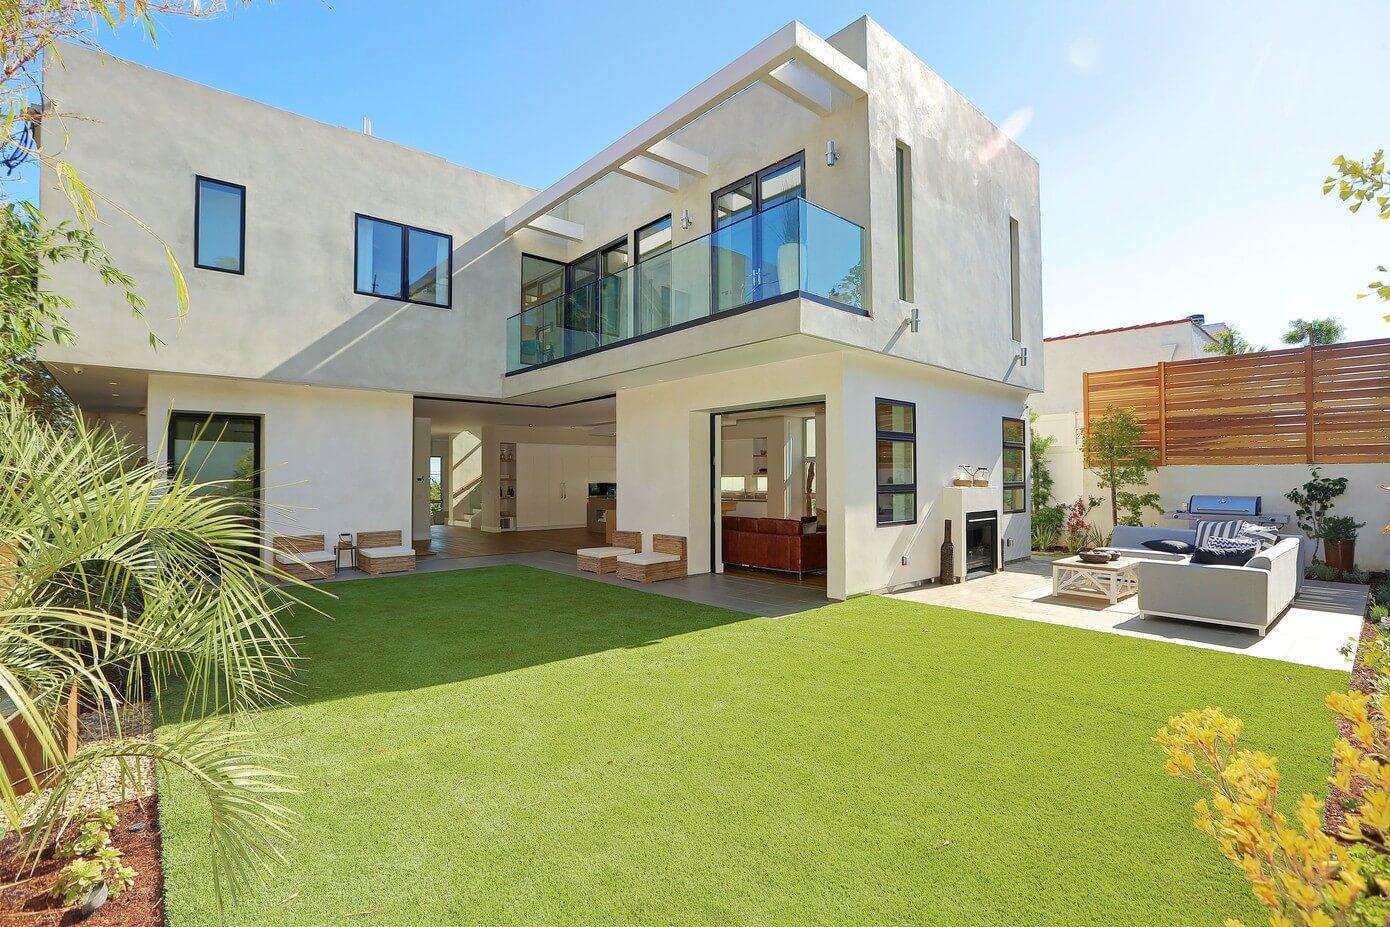 Pacific palisades home by building solutions design for Construcciones de casas modernas